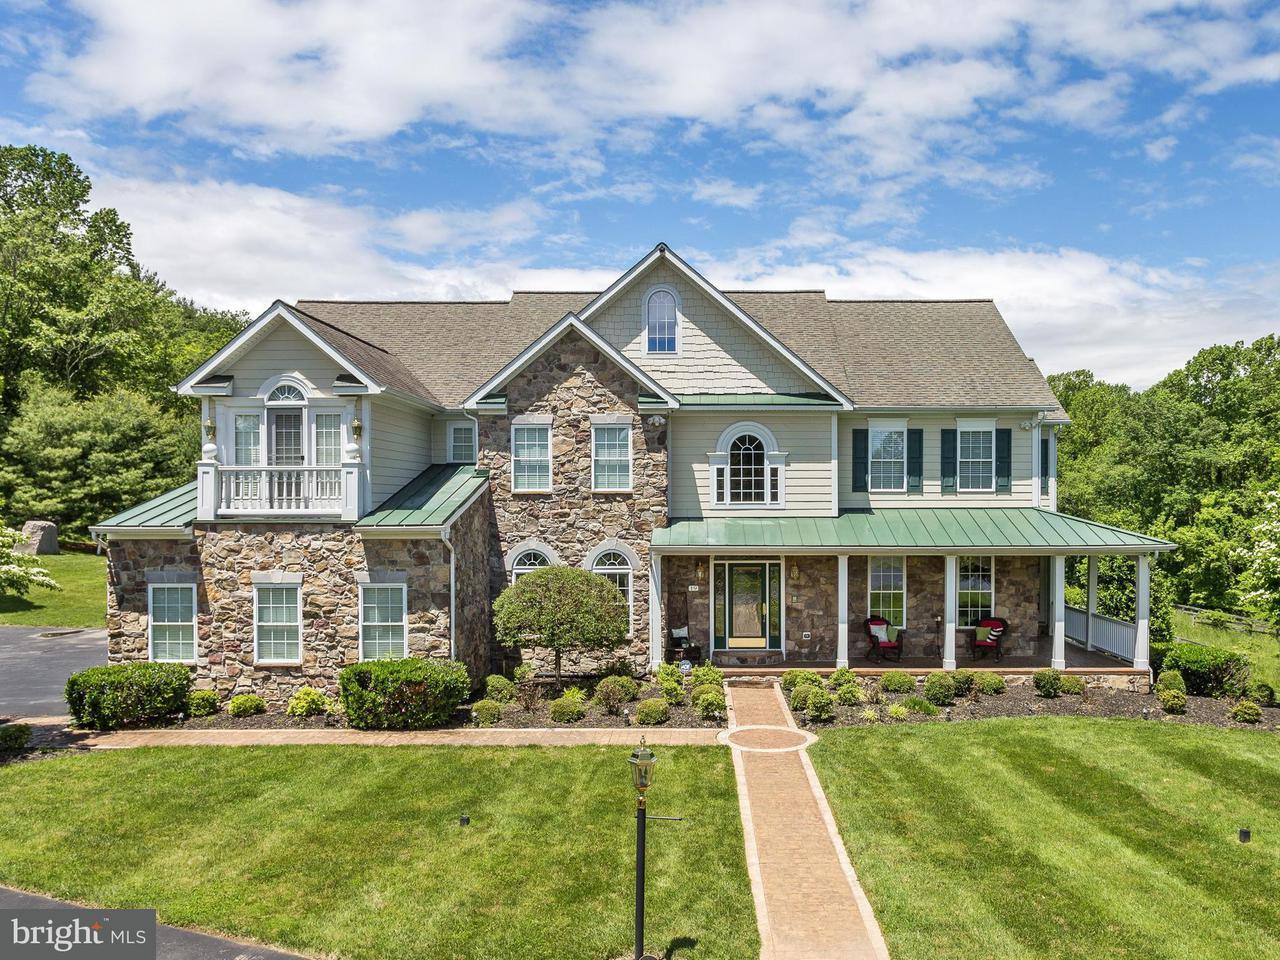 Maison unifamiliale pour l Vente à 19 BONDI WAY 19 BONDI WAY Reisterstown, Maryland 21136 États-Unis